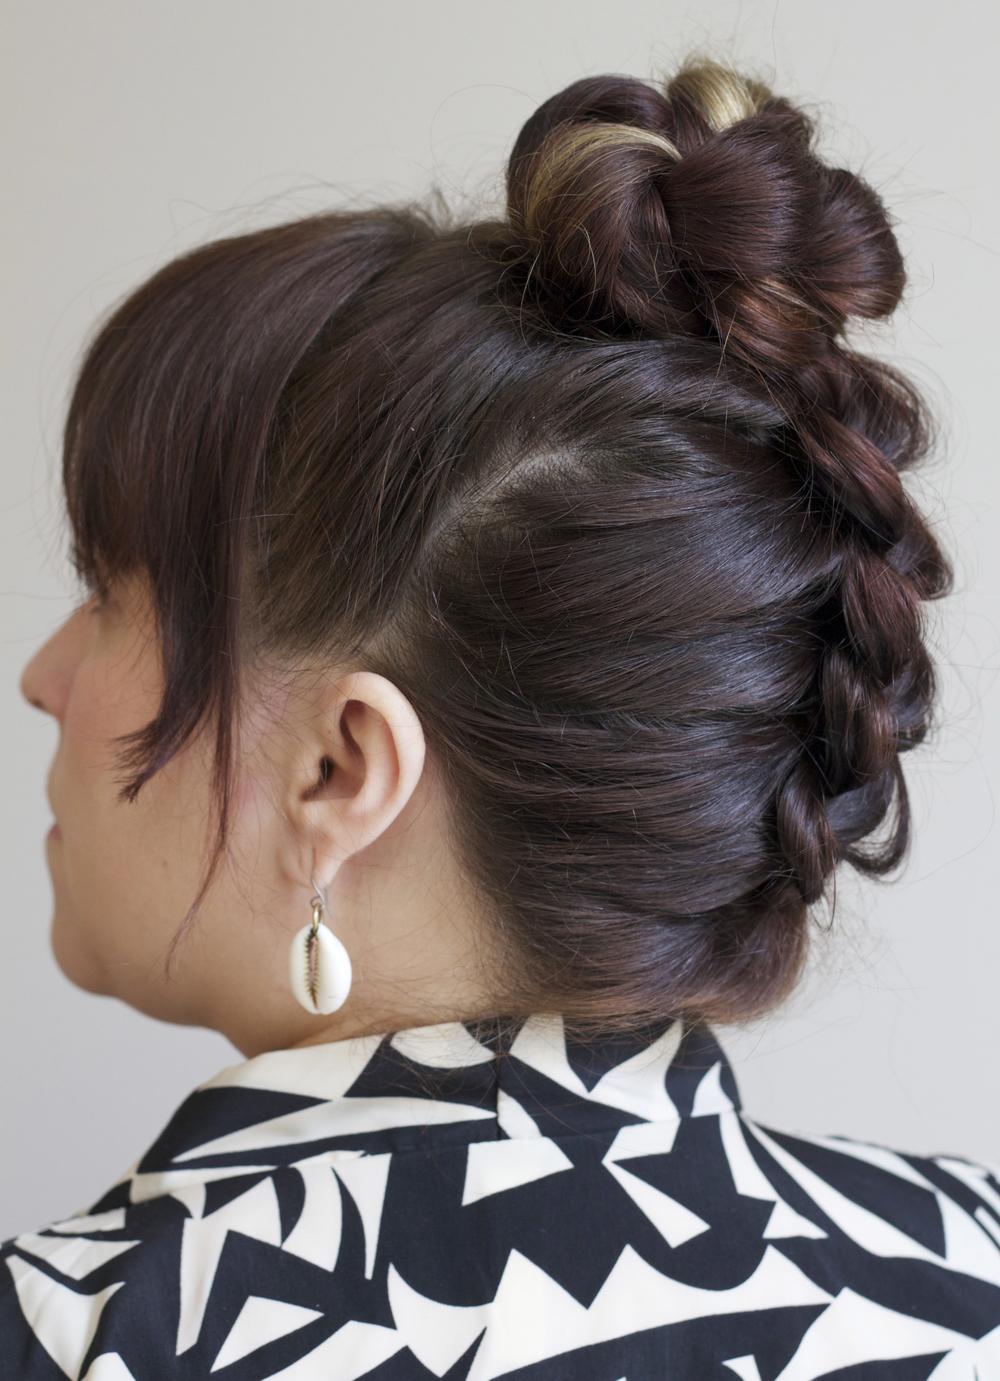 braids_20.jpg